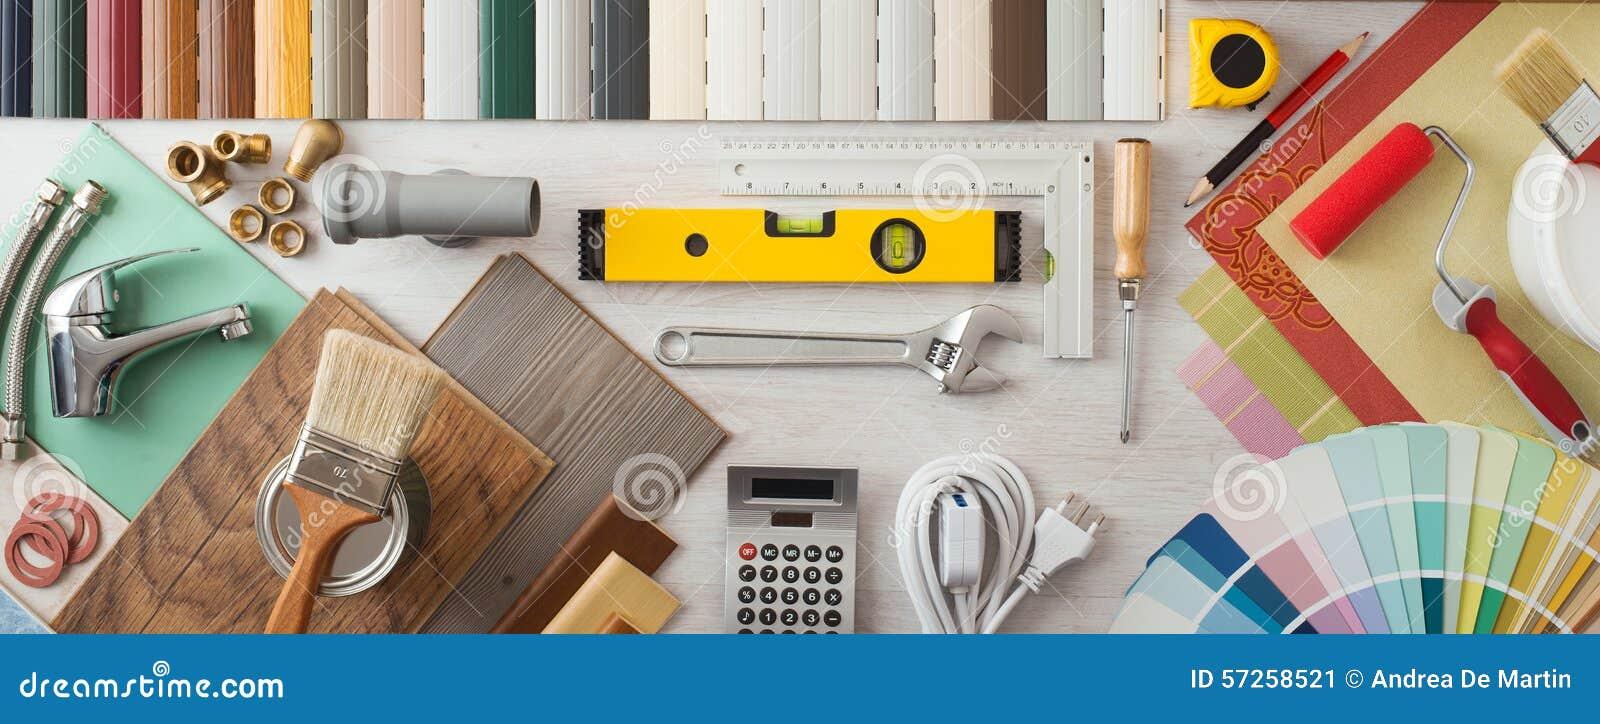 DIY y renovación casera